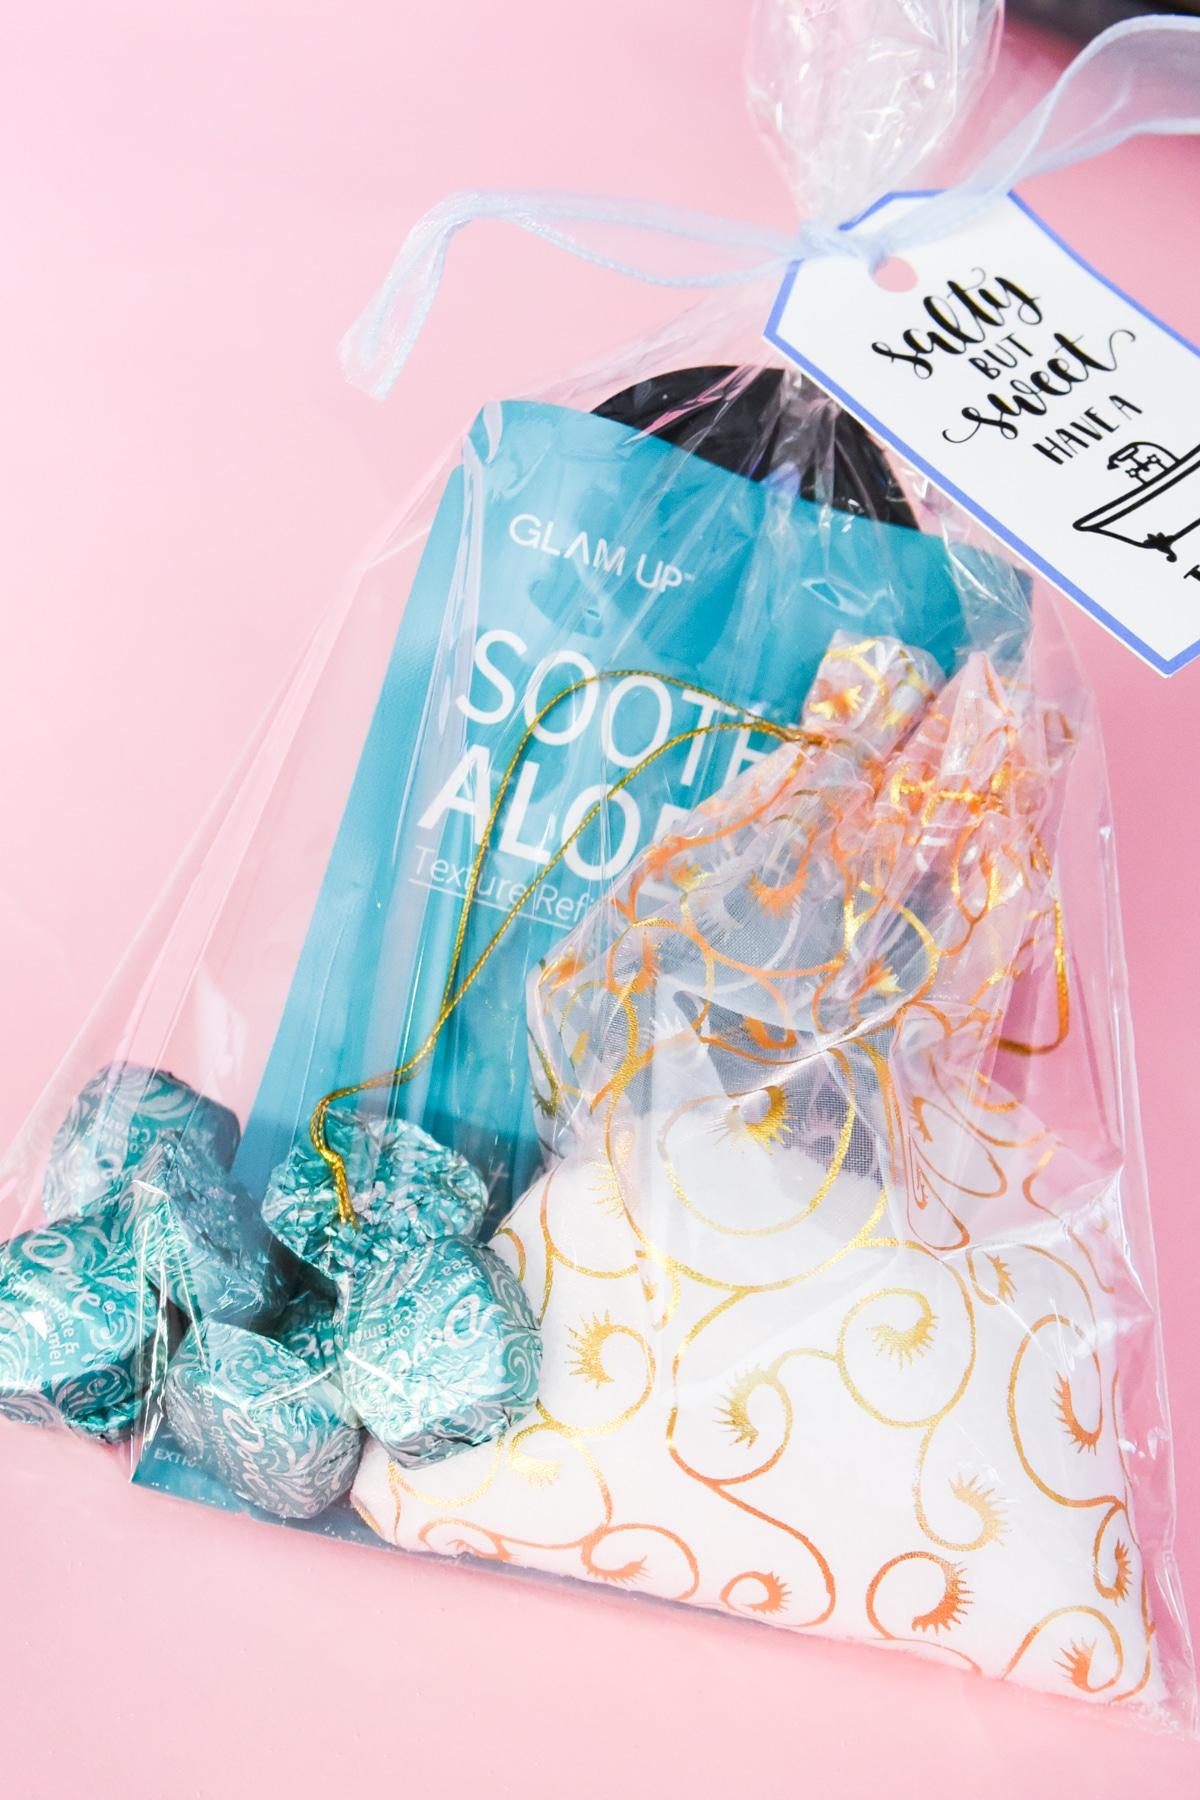 spa kit with treats